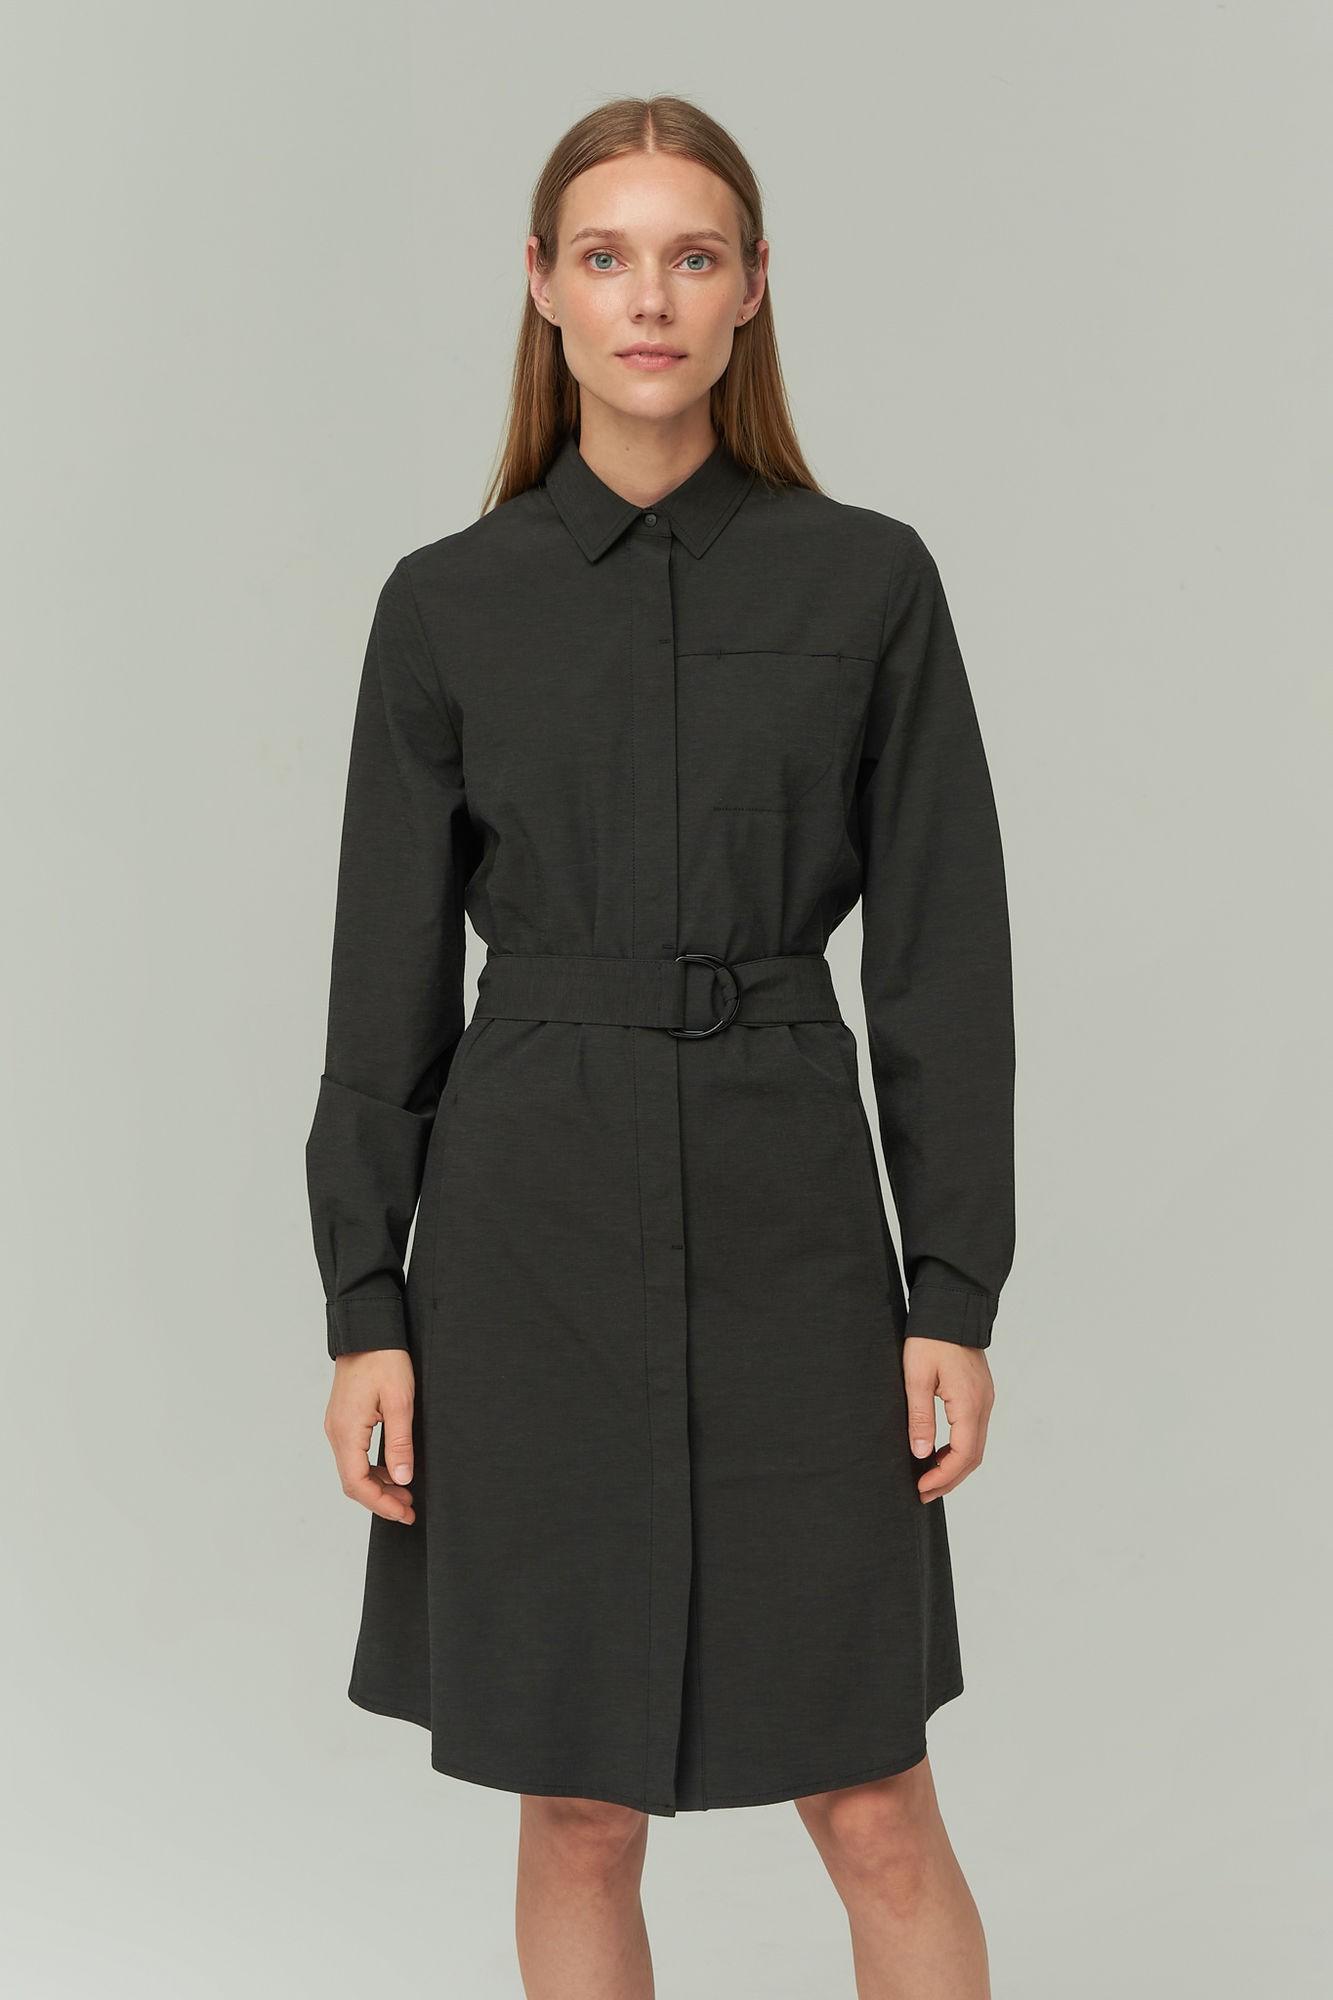 AUDIMAS Lengva tampri suknelė 2021-012 Black L